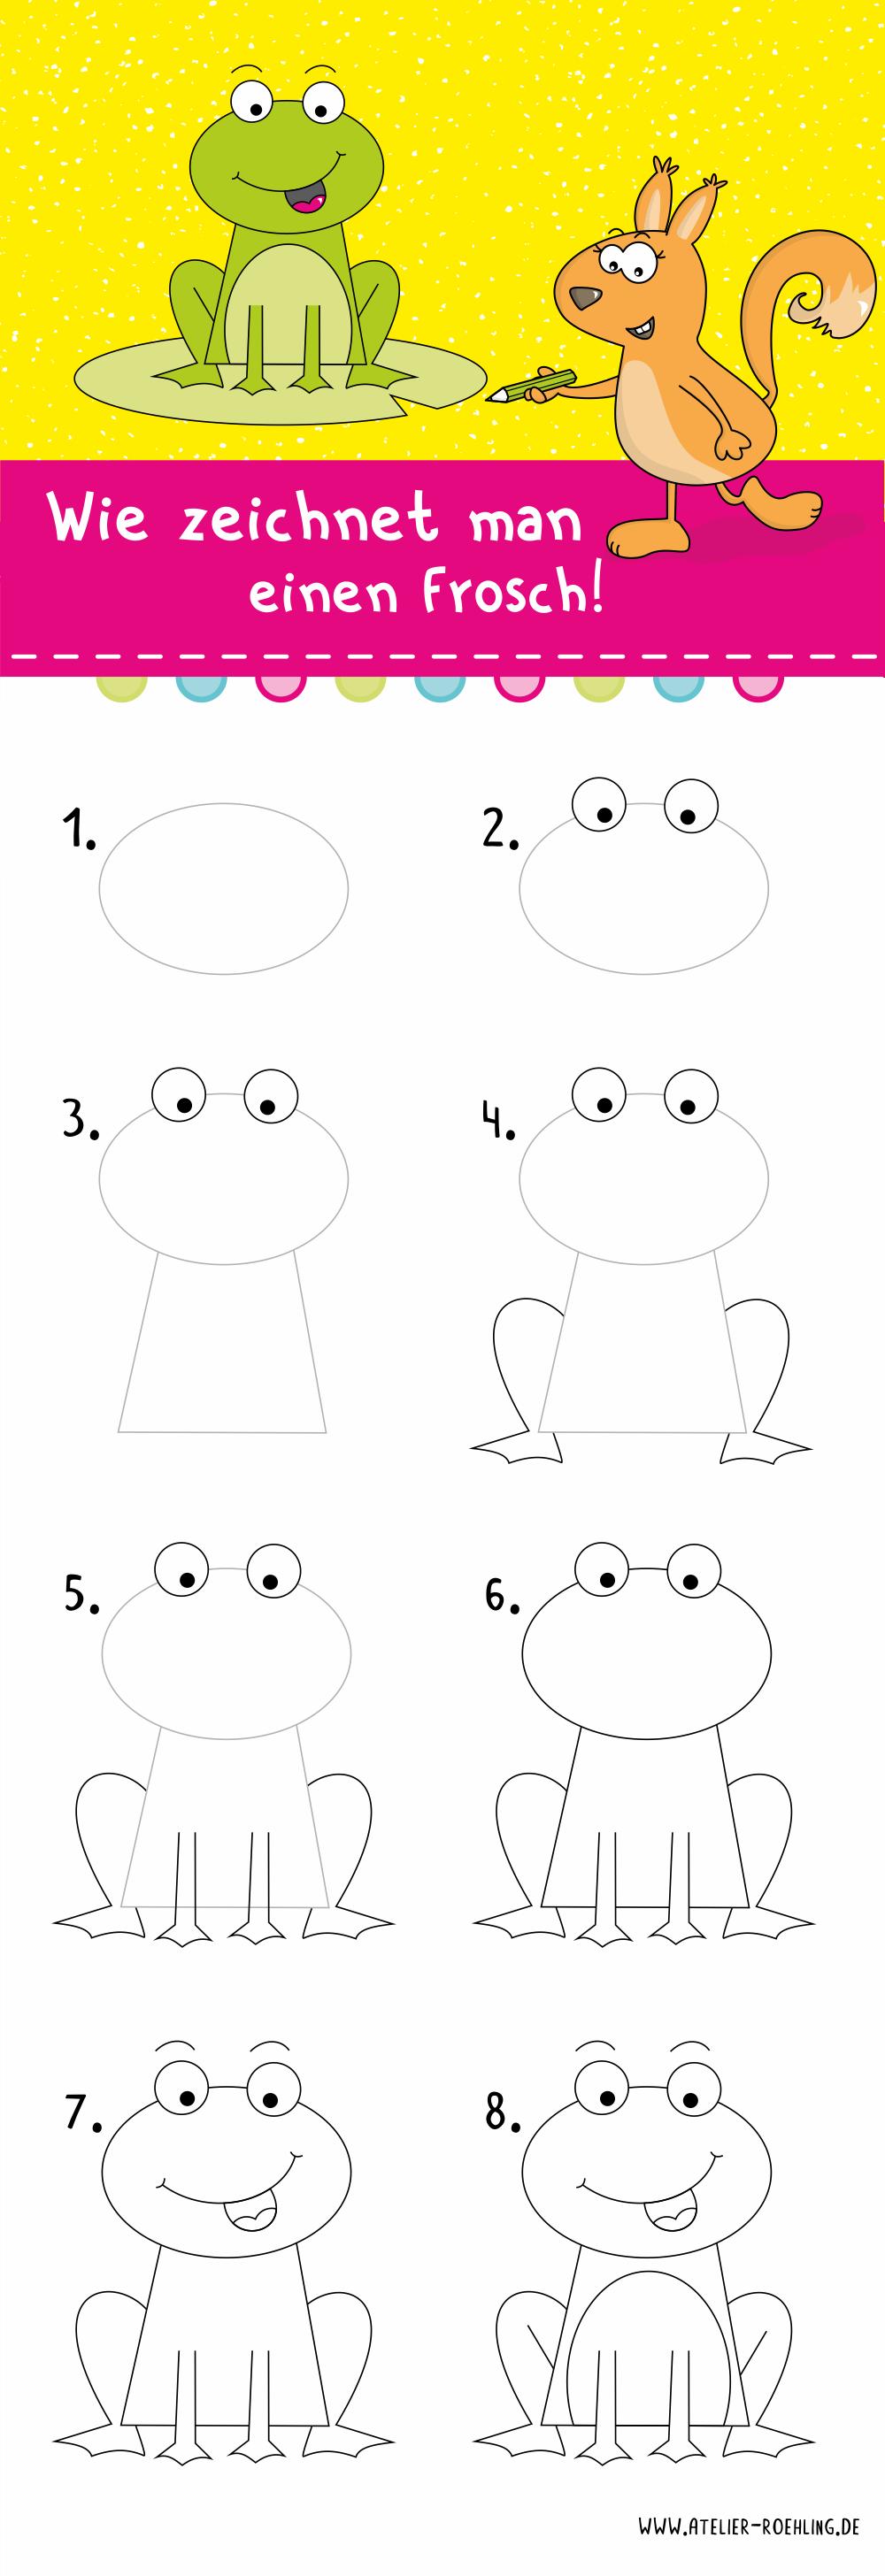 Wolltest Du Schon Immer Mal Wissen Wie Man Einen Frosch Zeichnet Dann Bist Du Hier Genau Richtig Ich Zeige Frosch Zeichnen Kinder Zeichnen Frosch Zeichnung